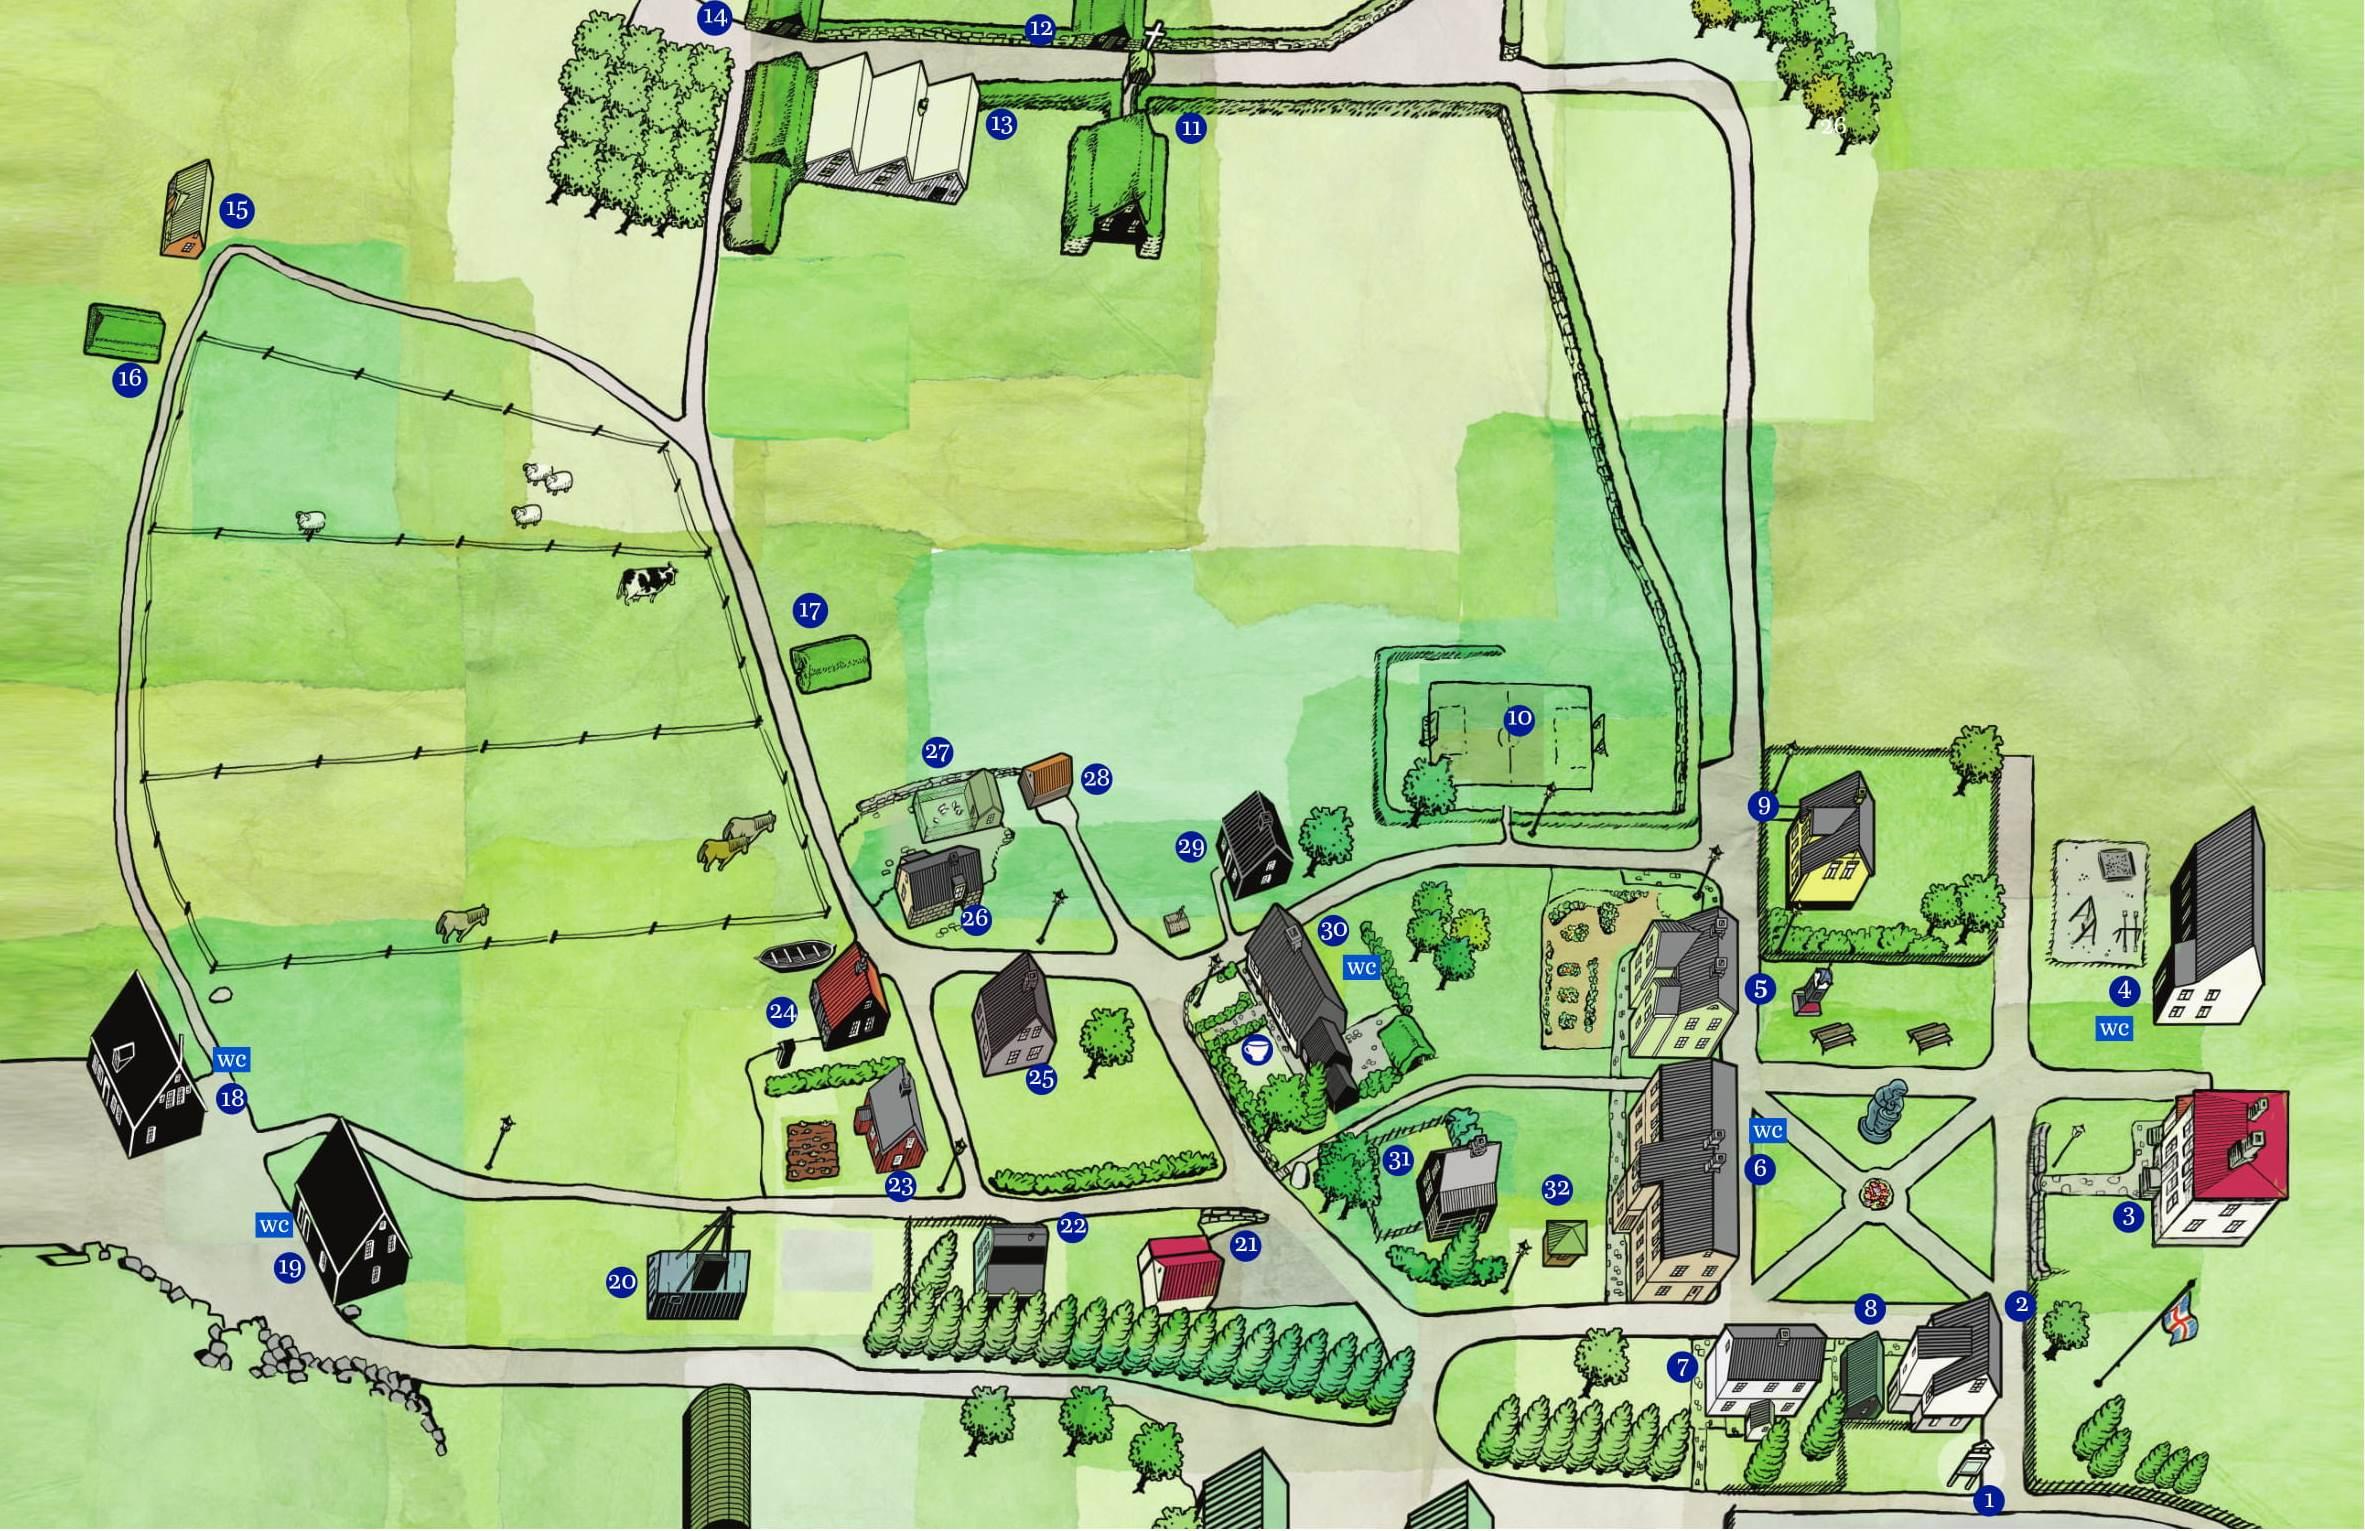 Teiknað kort af safnsvæði Árbæjarsafns / Map of the museum area